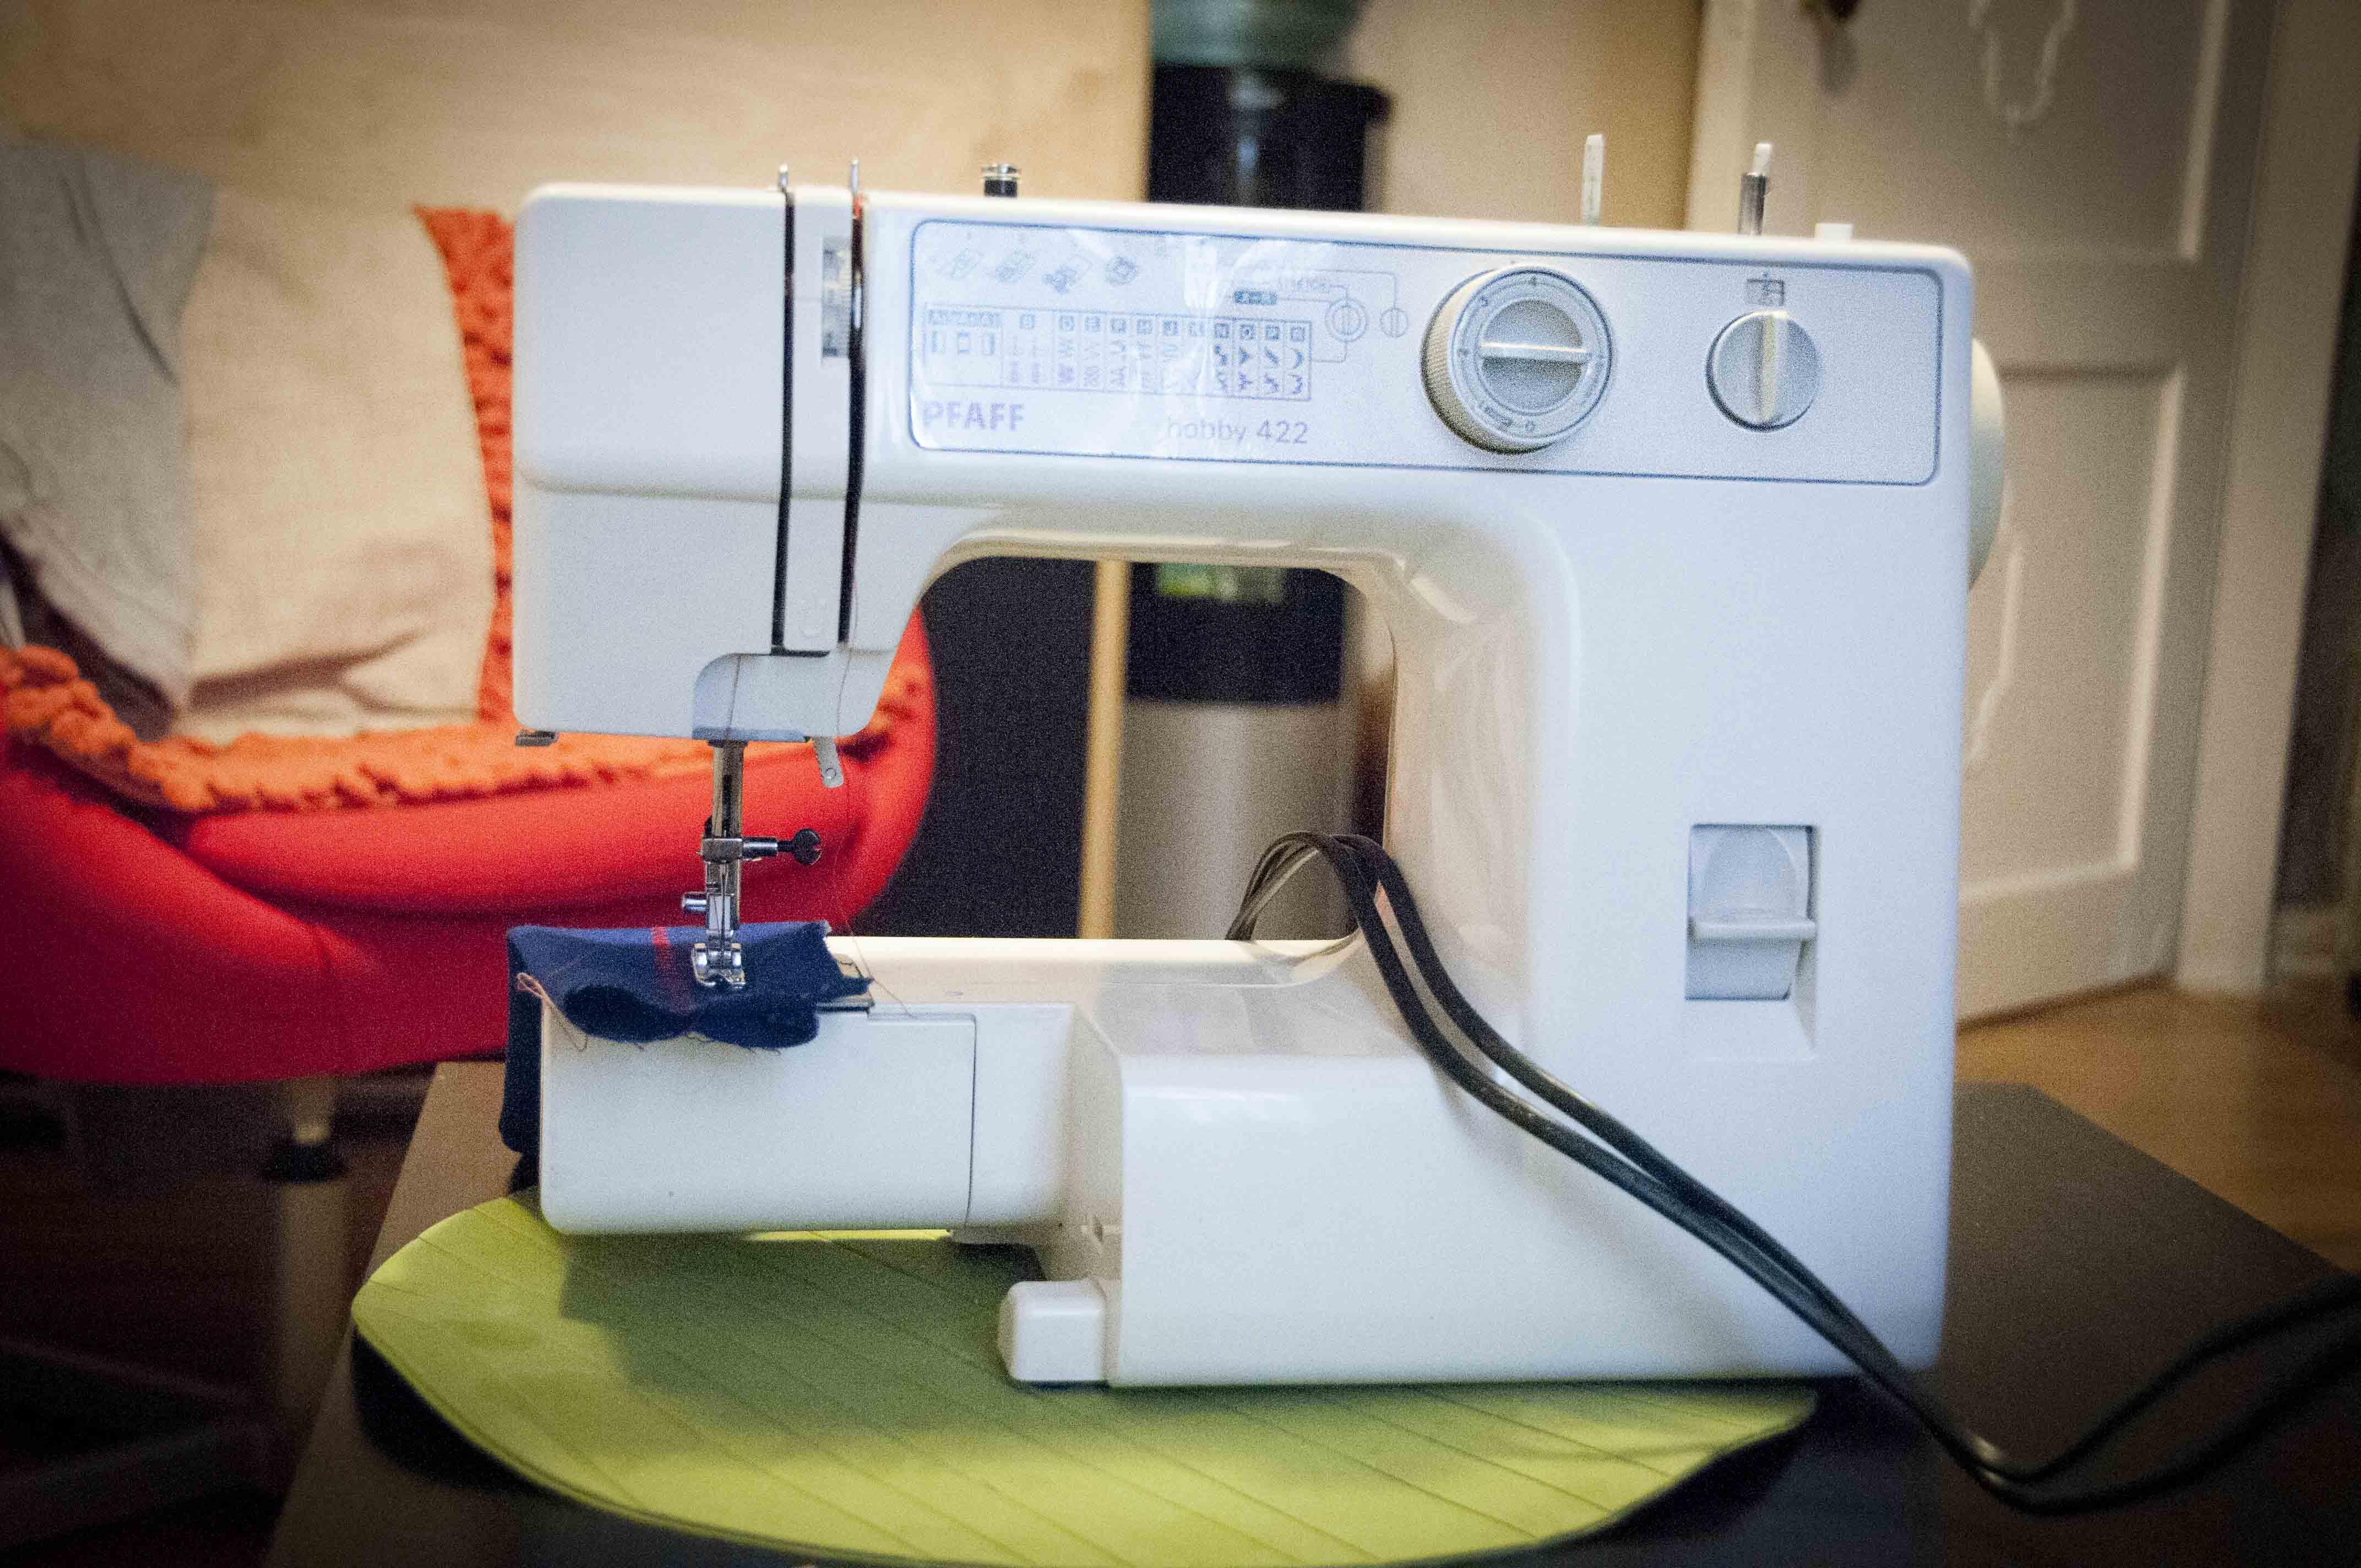 Петля для пуговицы на швейной машине Janome - Самошвейка 30